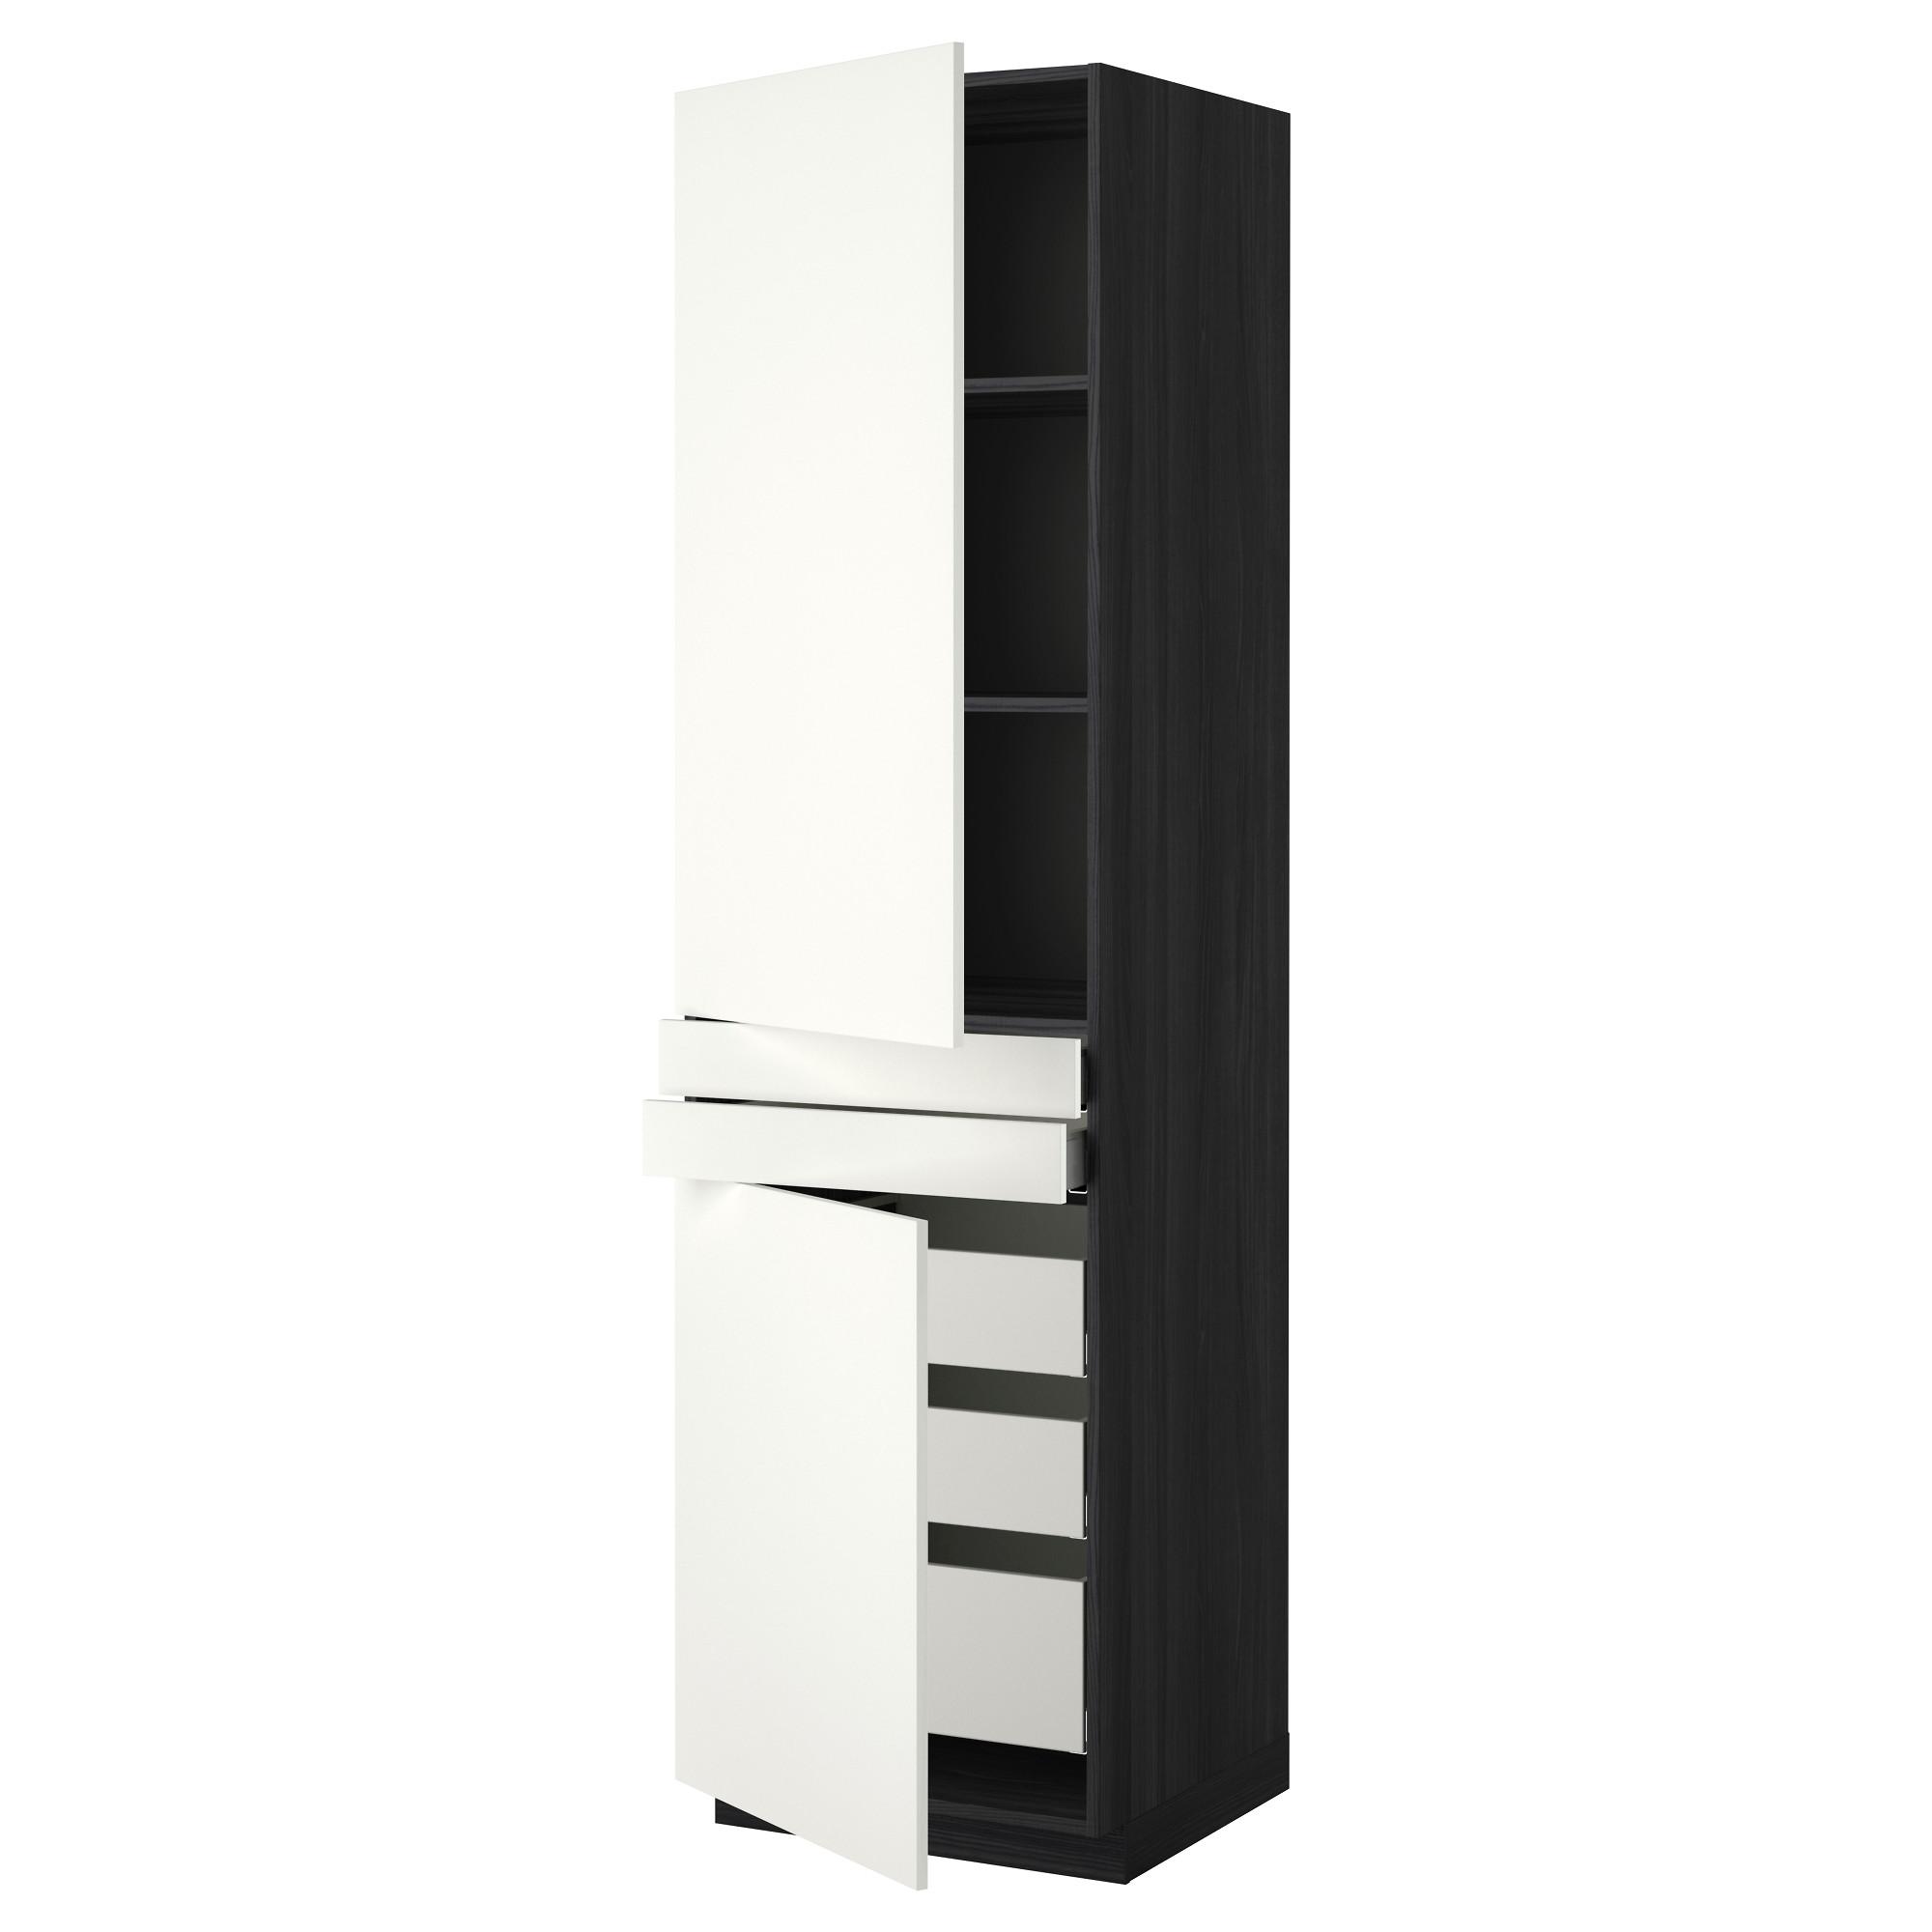 Высокий шкаф + полки, 5 ящиков, 2 дверцы, 2 фронтальных МЕТОД / МАКСИМЕРА черный артикуль № 592.315.84 в наличии. Online сайт IKEA Минск. Быстрая доставка и установка.